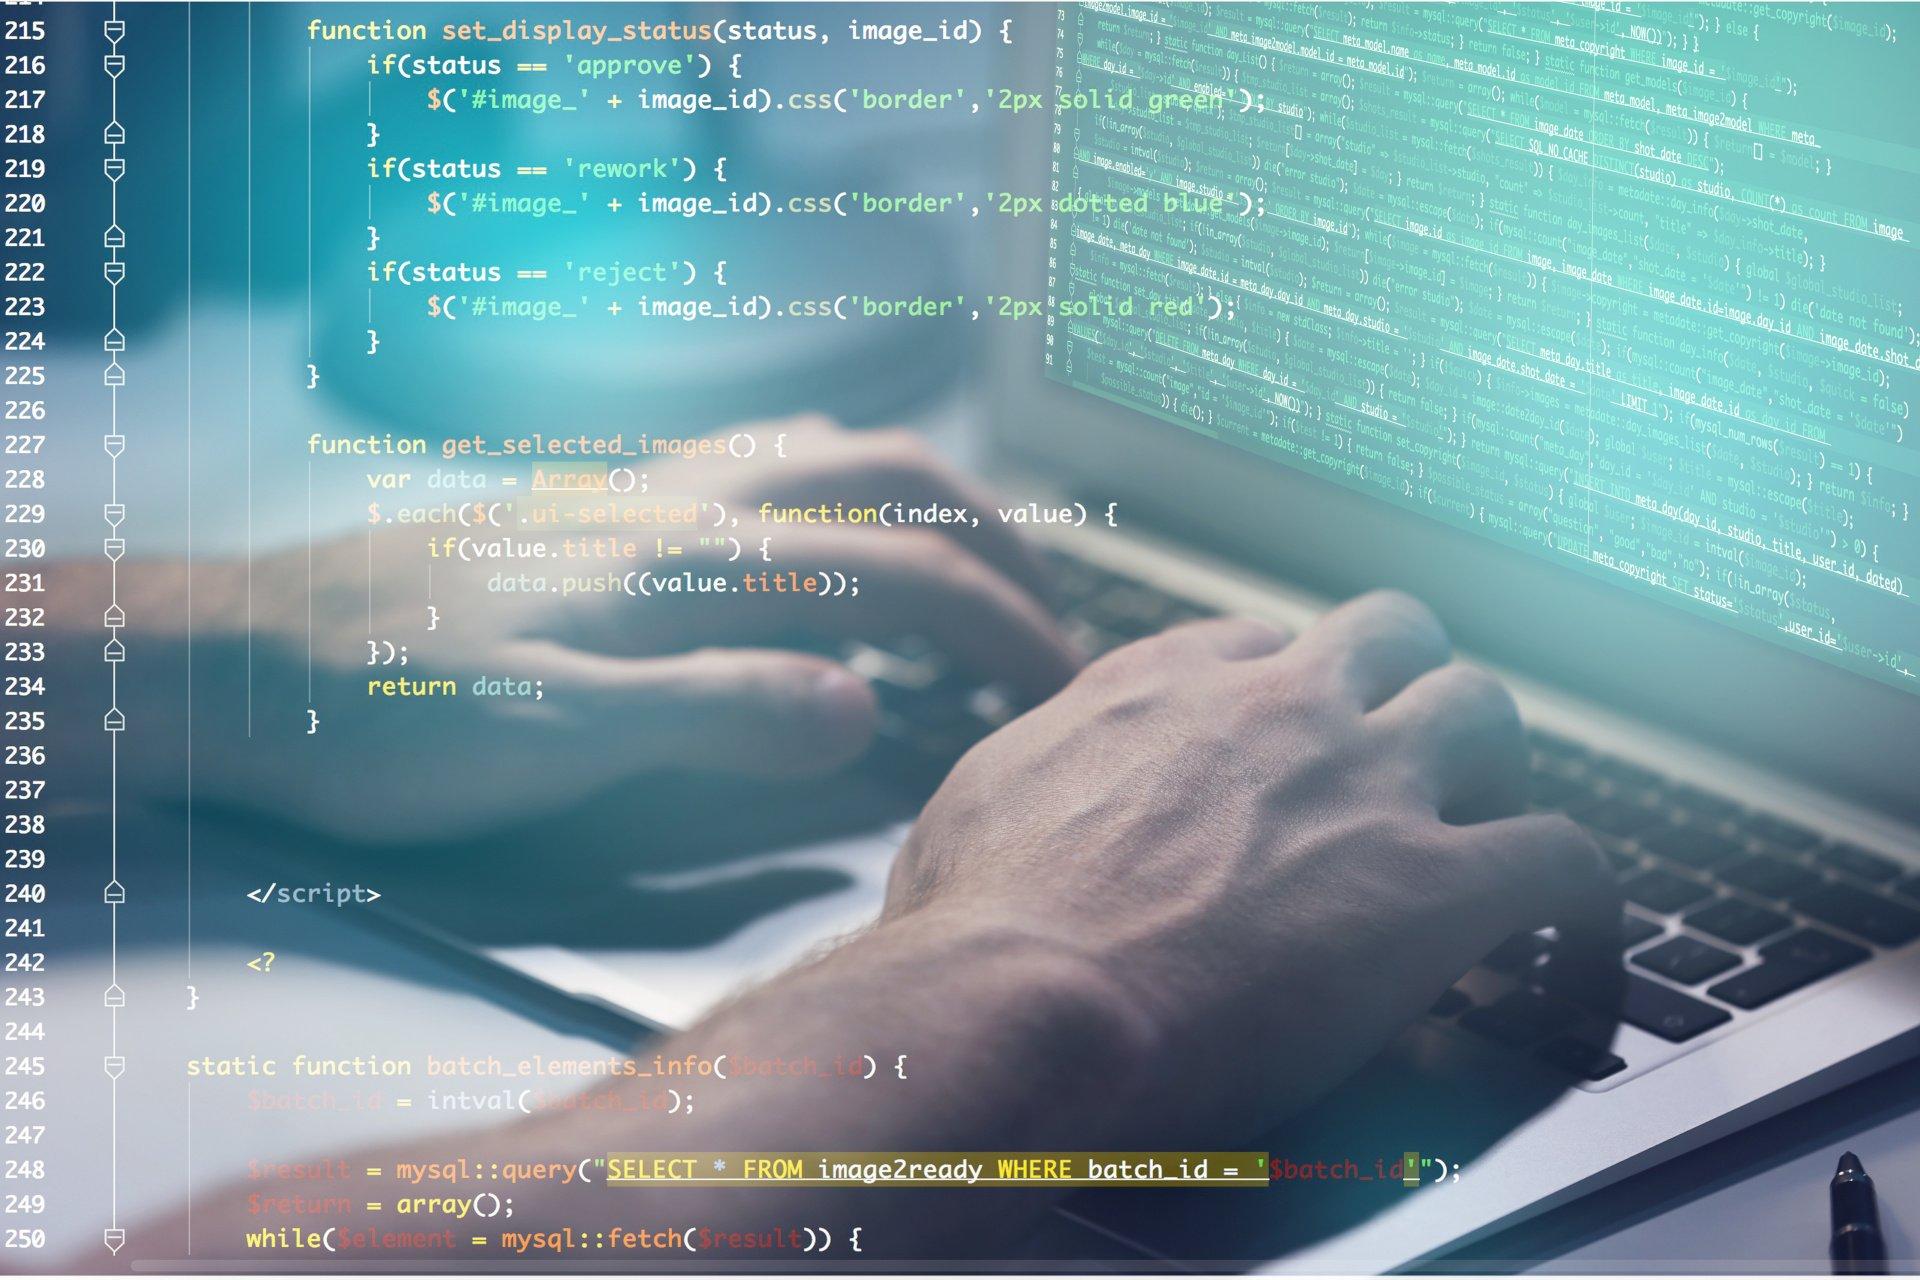 jak-zdobyc-kwalifikacje-w-programowaniu